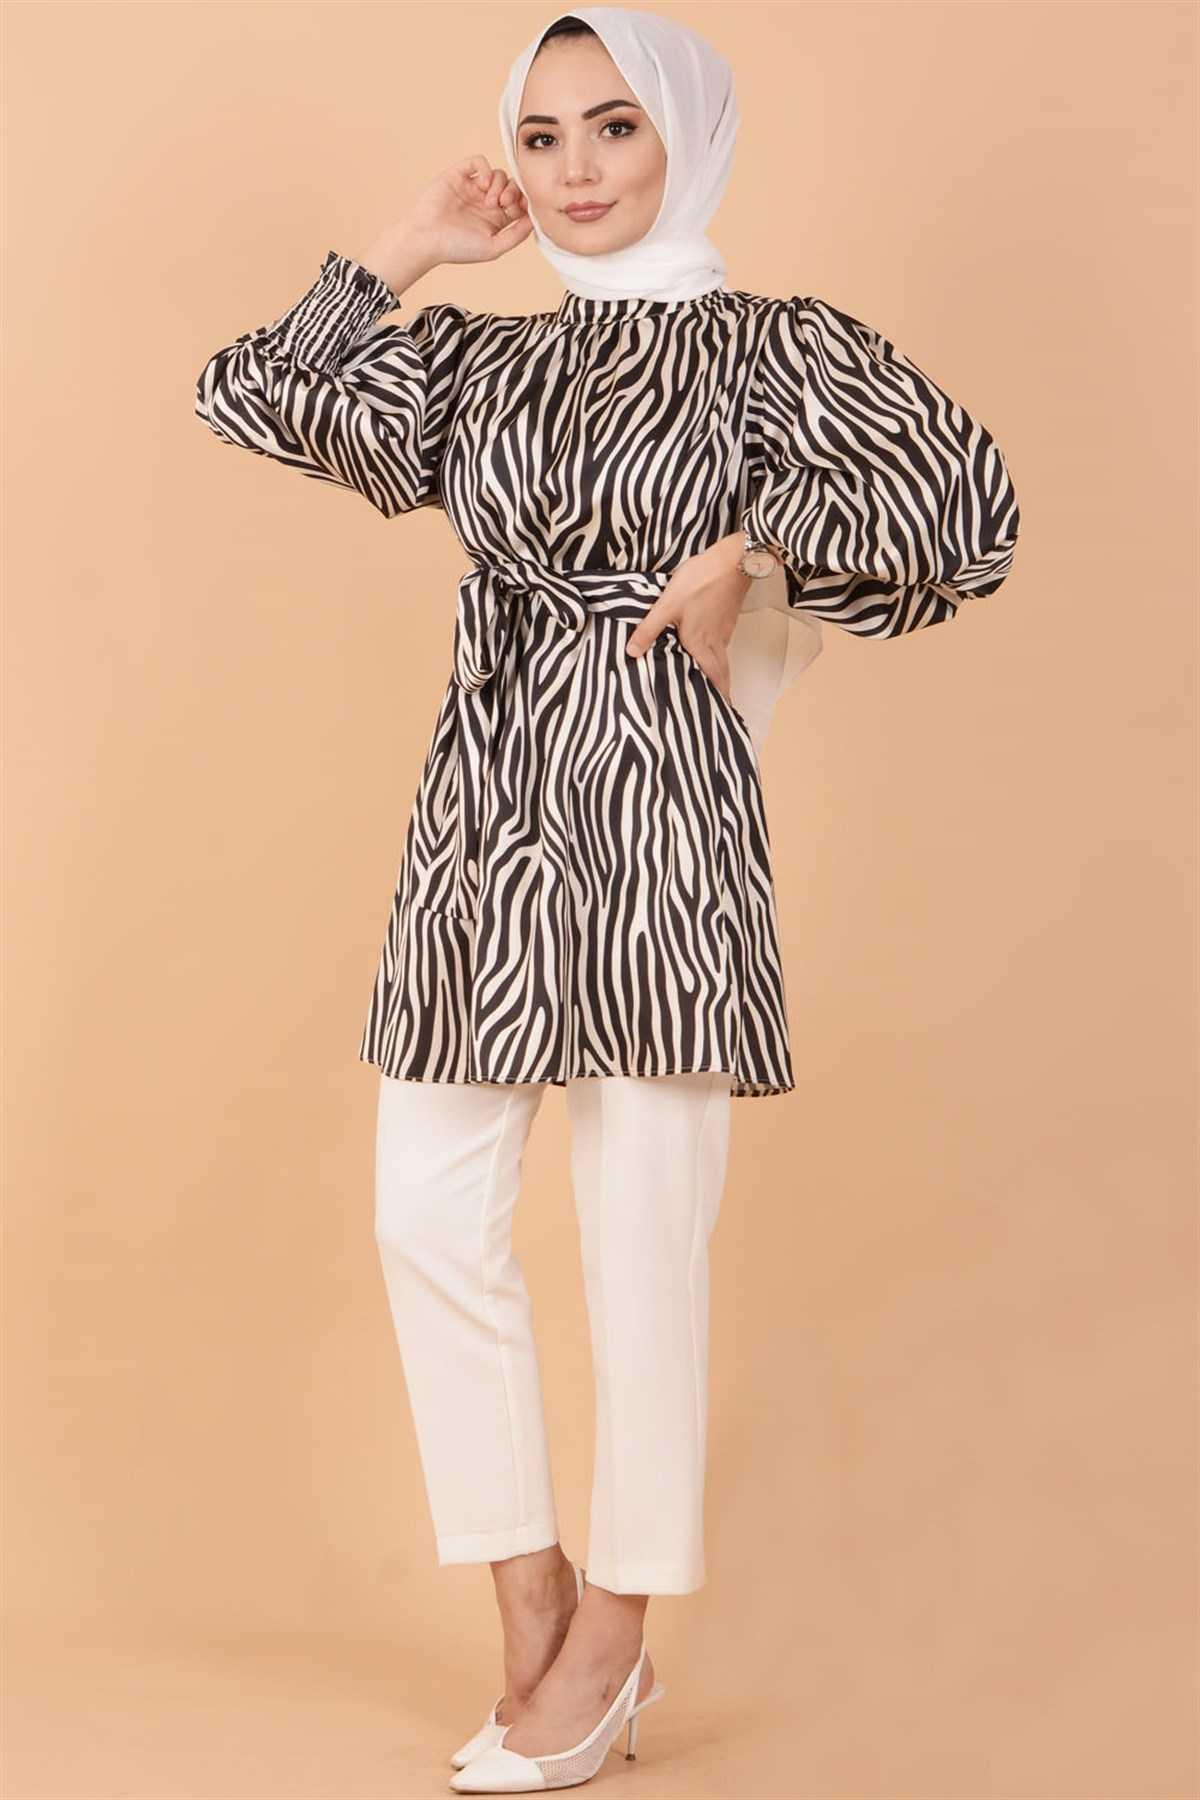 Koçin Butik Zebra Desenli Tesettür Saten Tunik Modelleri